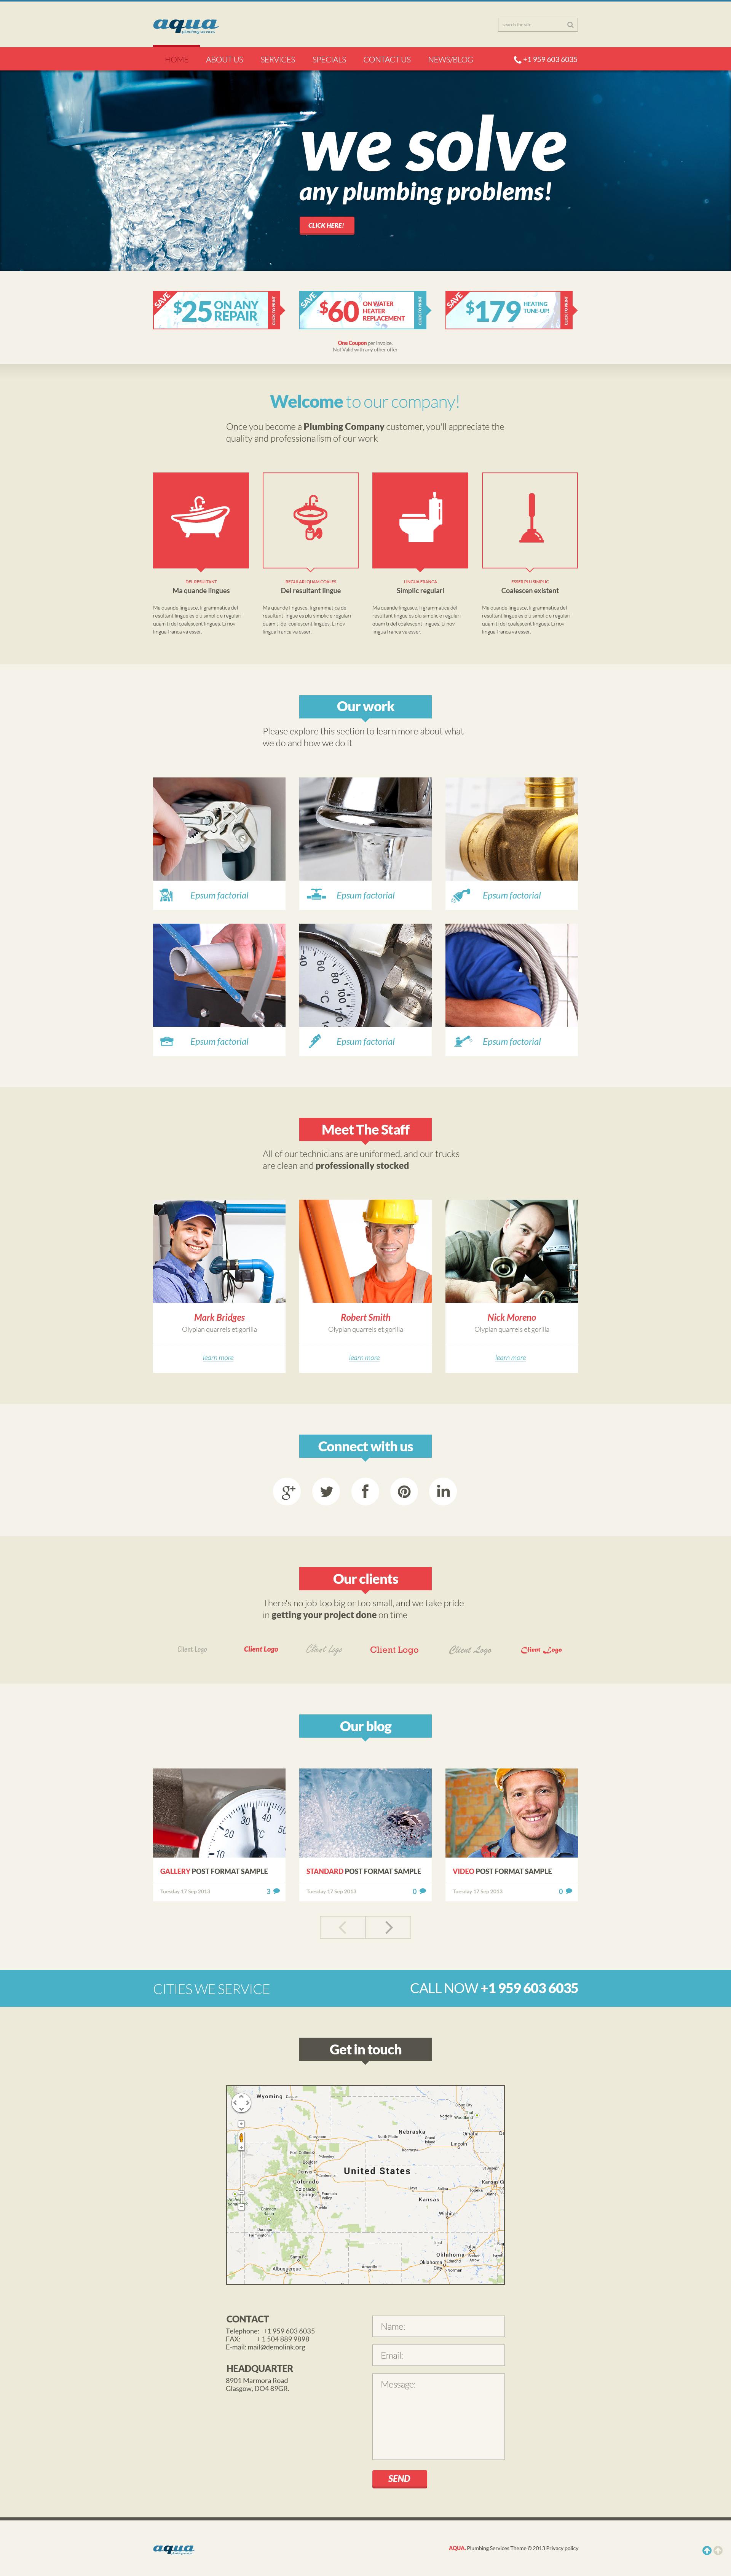 Plumbing Services Online Joomla Template